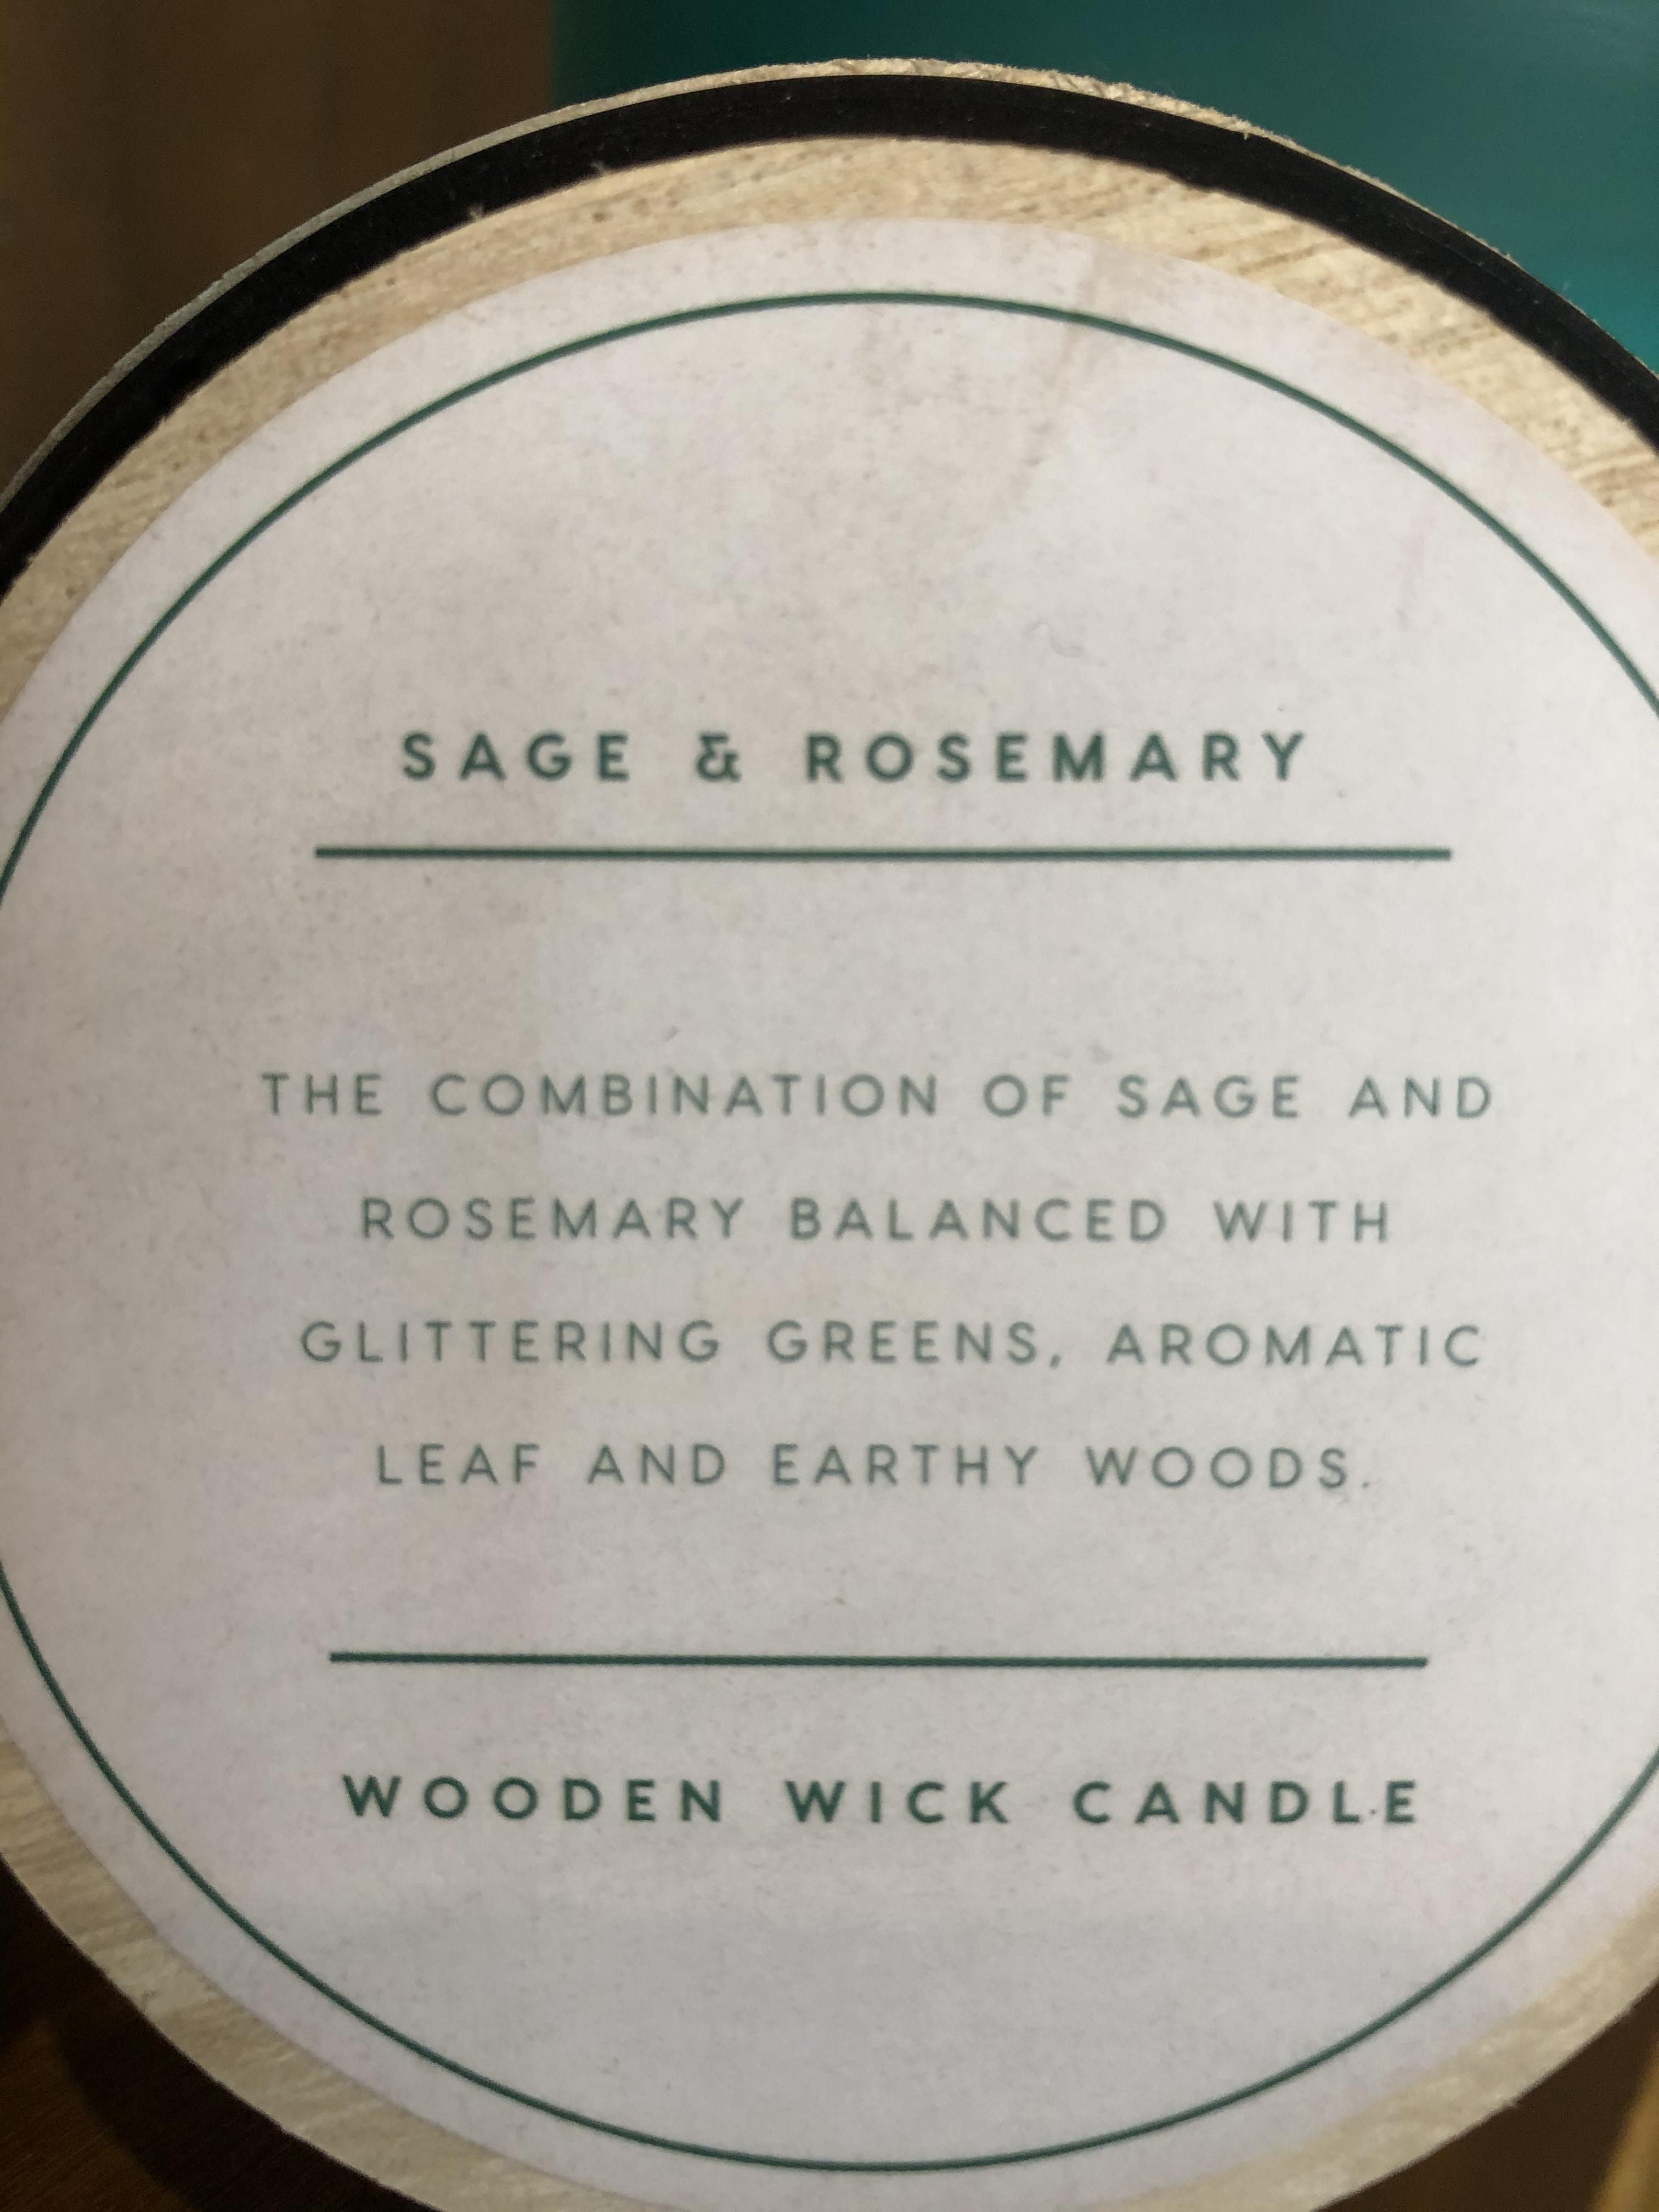 DW Home Candles SAGE & ROSEMARY 空気の浄化にぴったりなアロマキャンドル